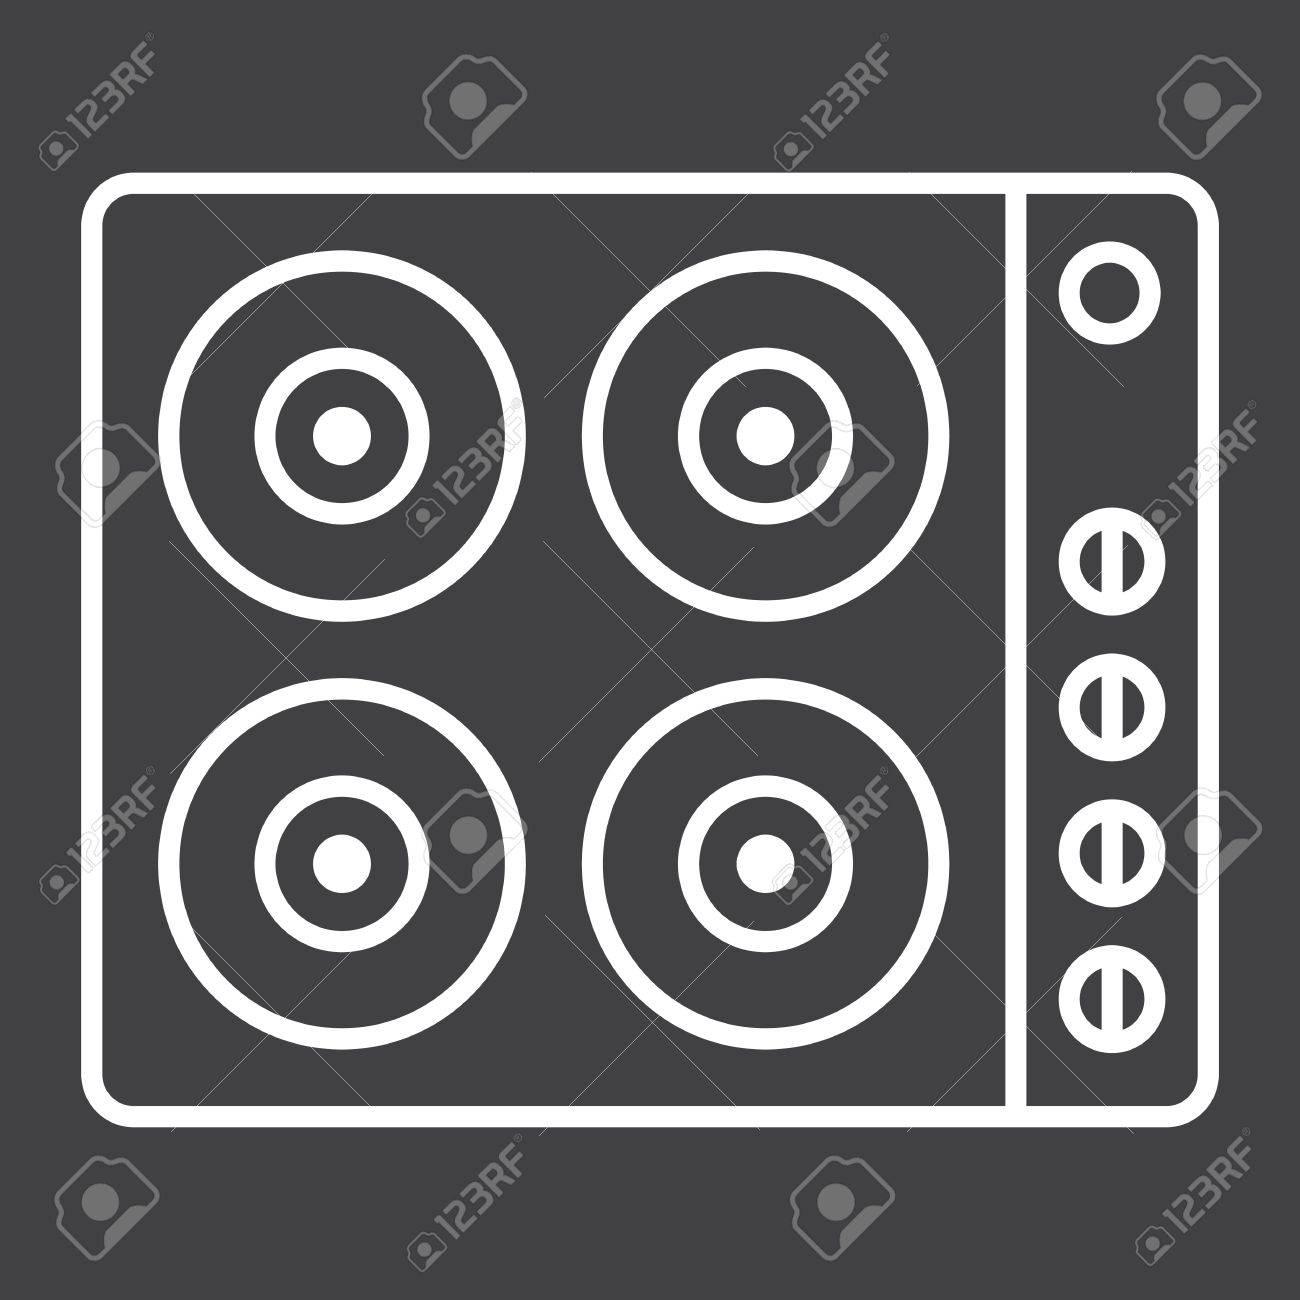 Elektrische Heißplatte Linie Symbol, Elektroherd Und Gerät ...